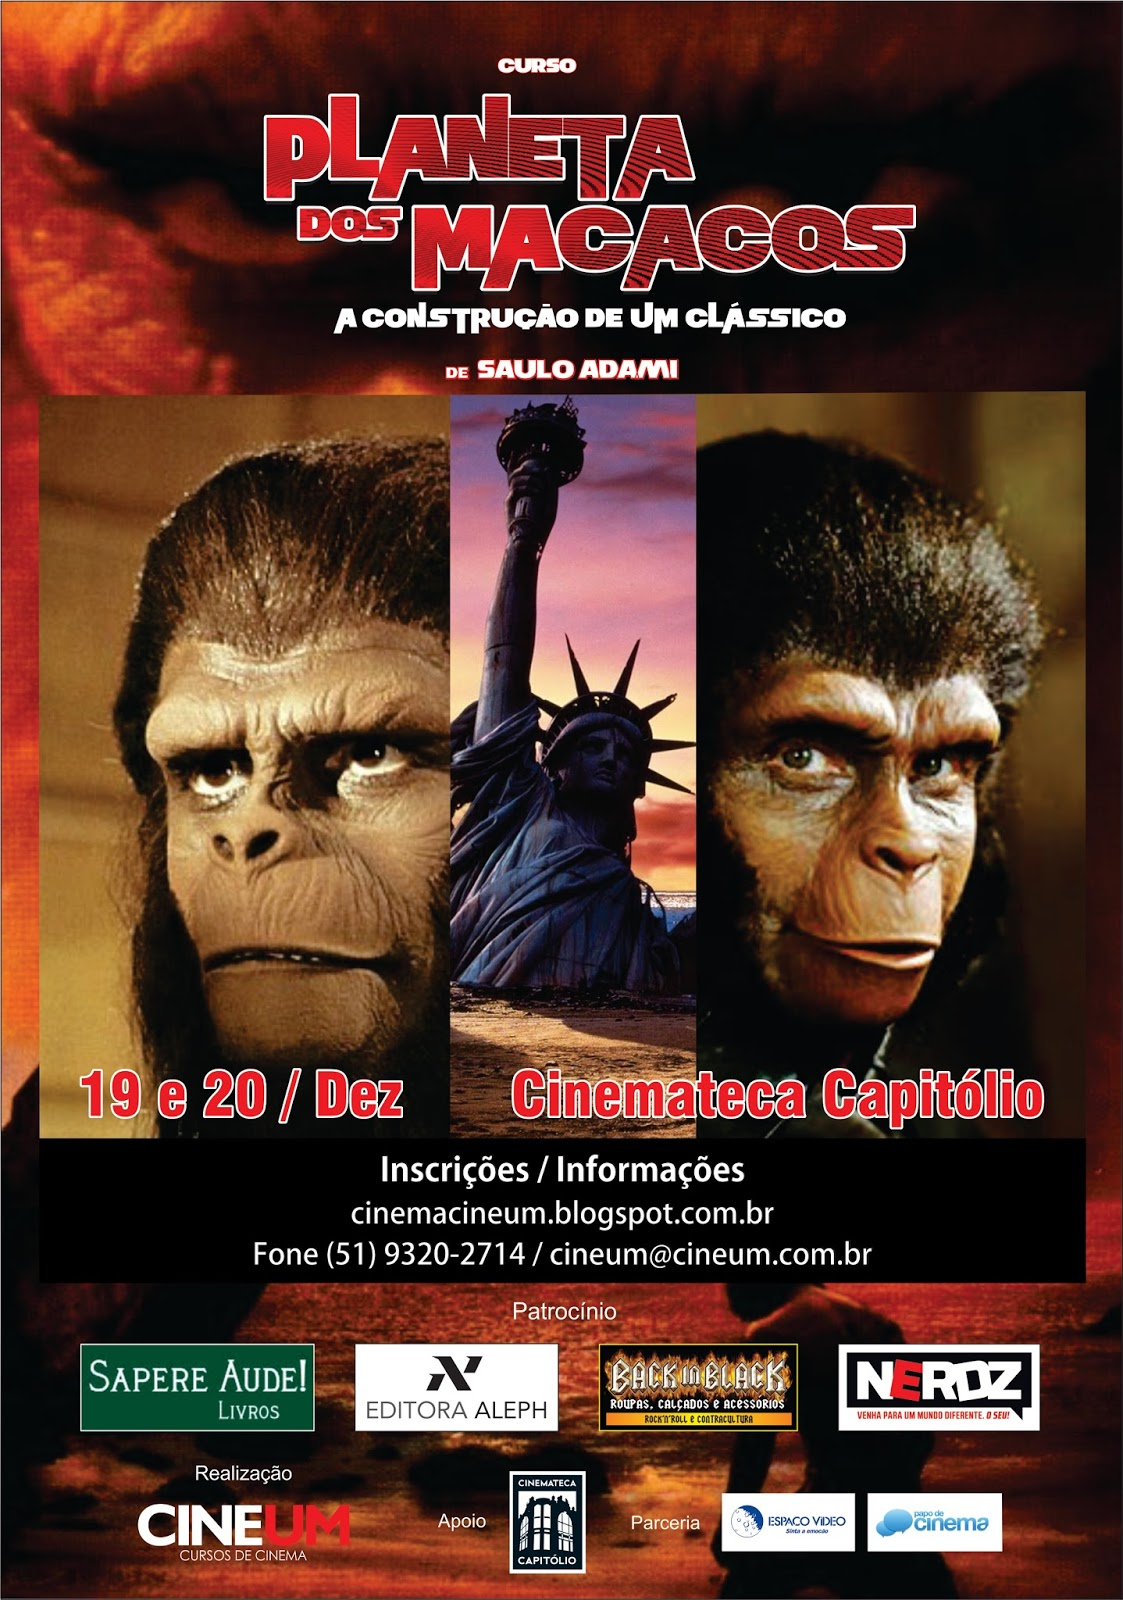 Planeta dos macacos 1968 dublado online dating 10